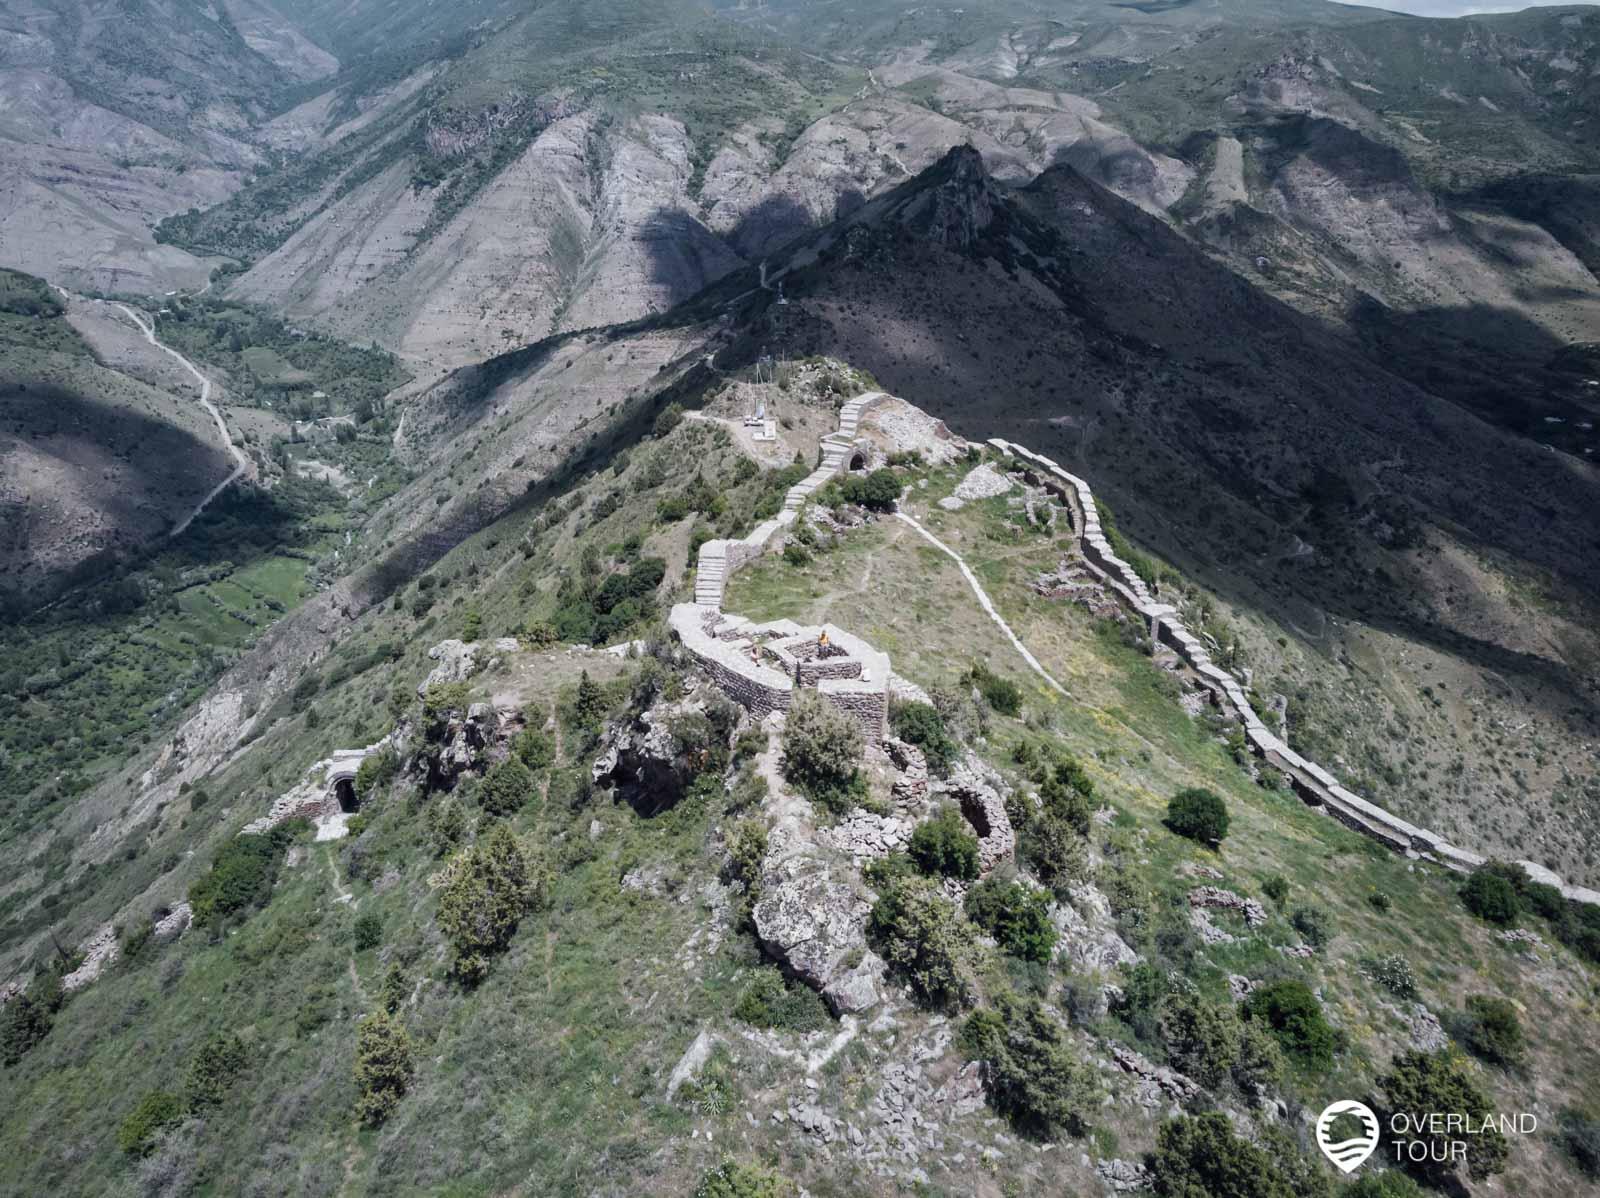 Wanderung zur spektakuläre Festung Smbataberd mit seiner Burg